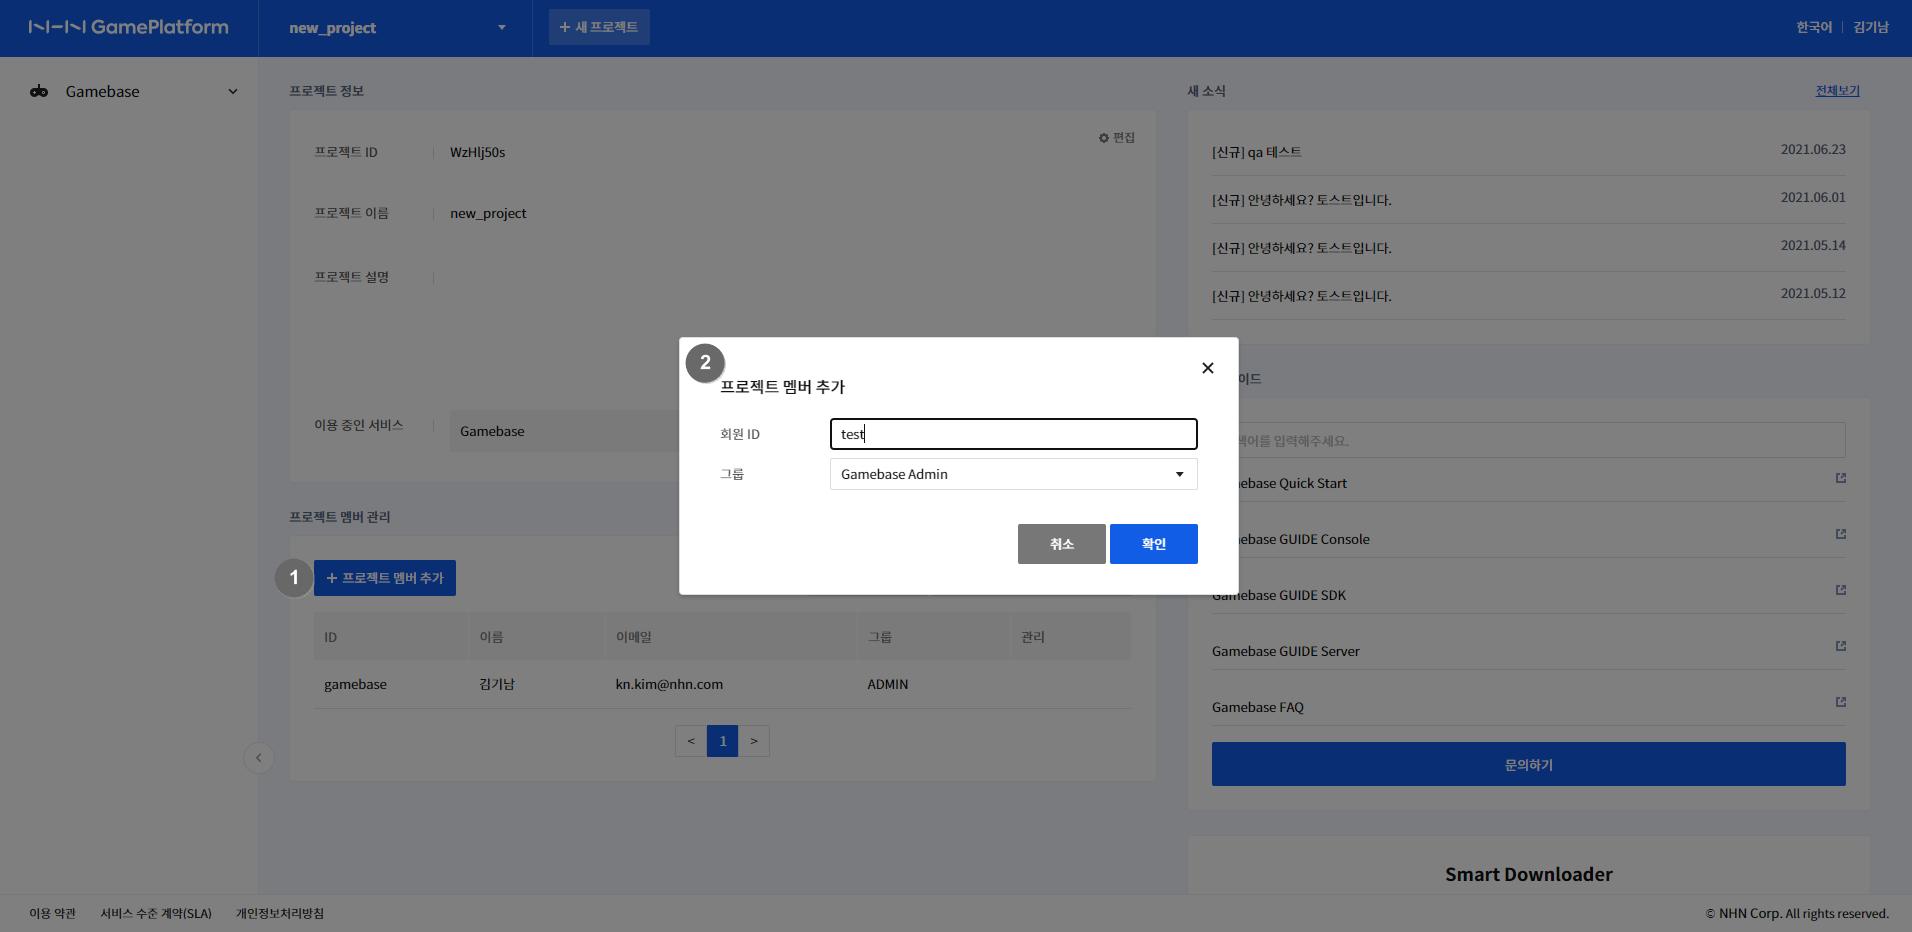 Gamebase-for-aws_project-member